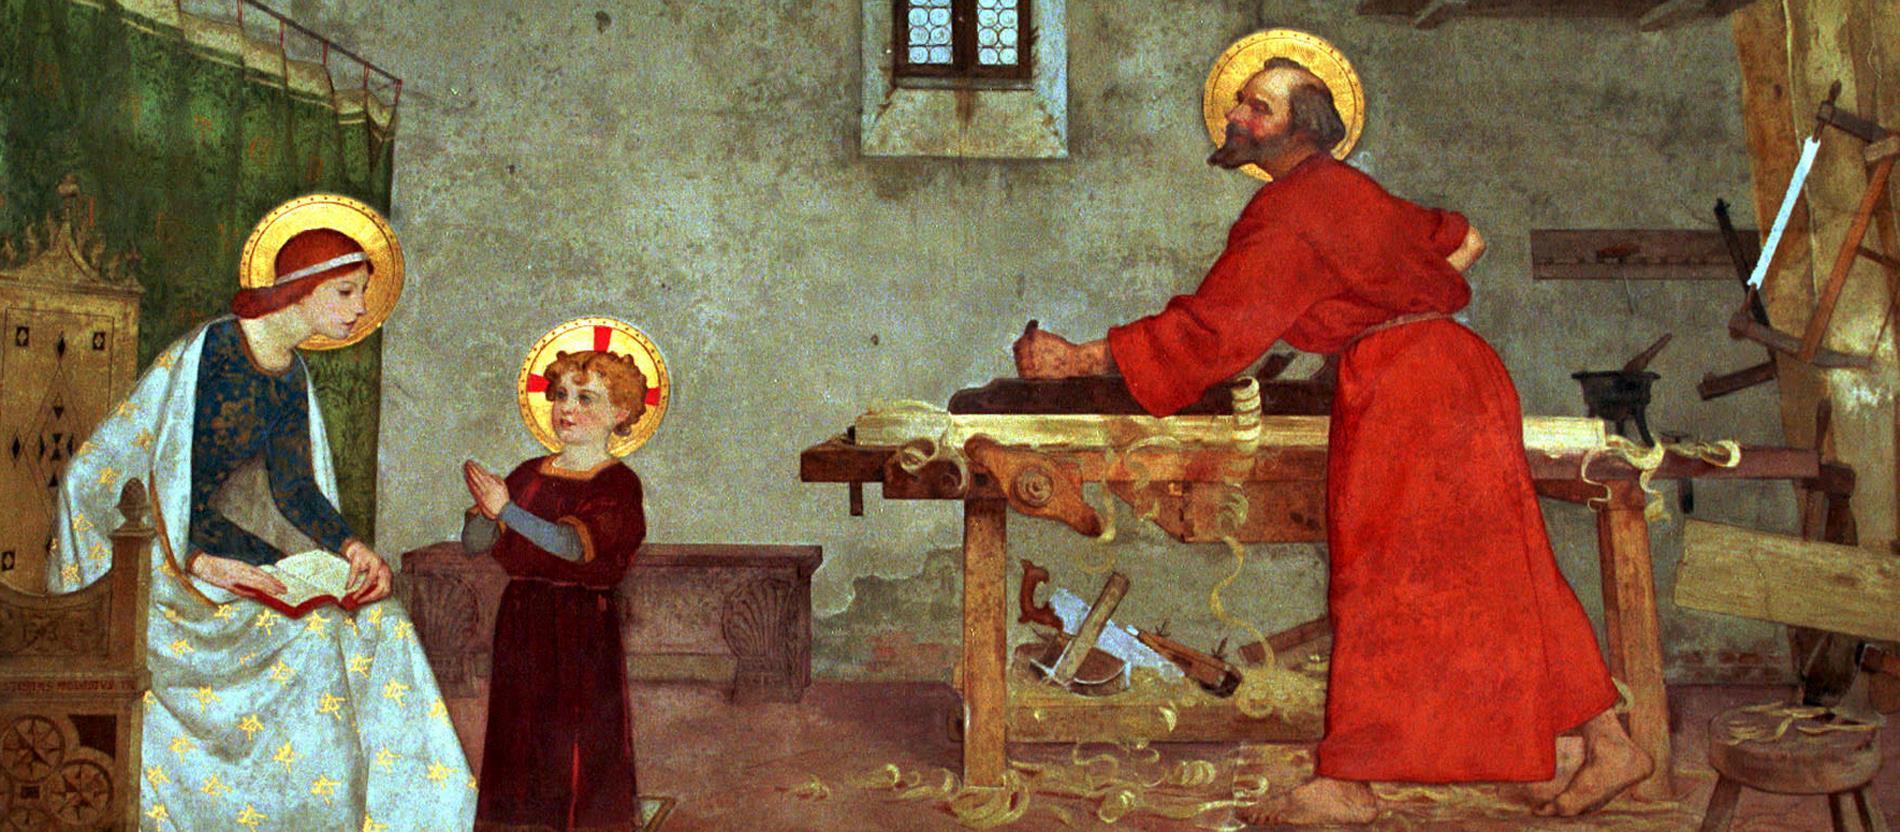 Gemälde mit Josef am Schreinertisch, Maria und Jesus gucken zu